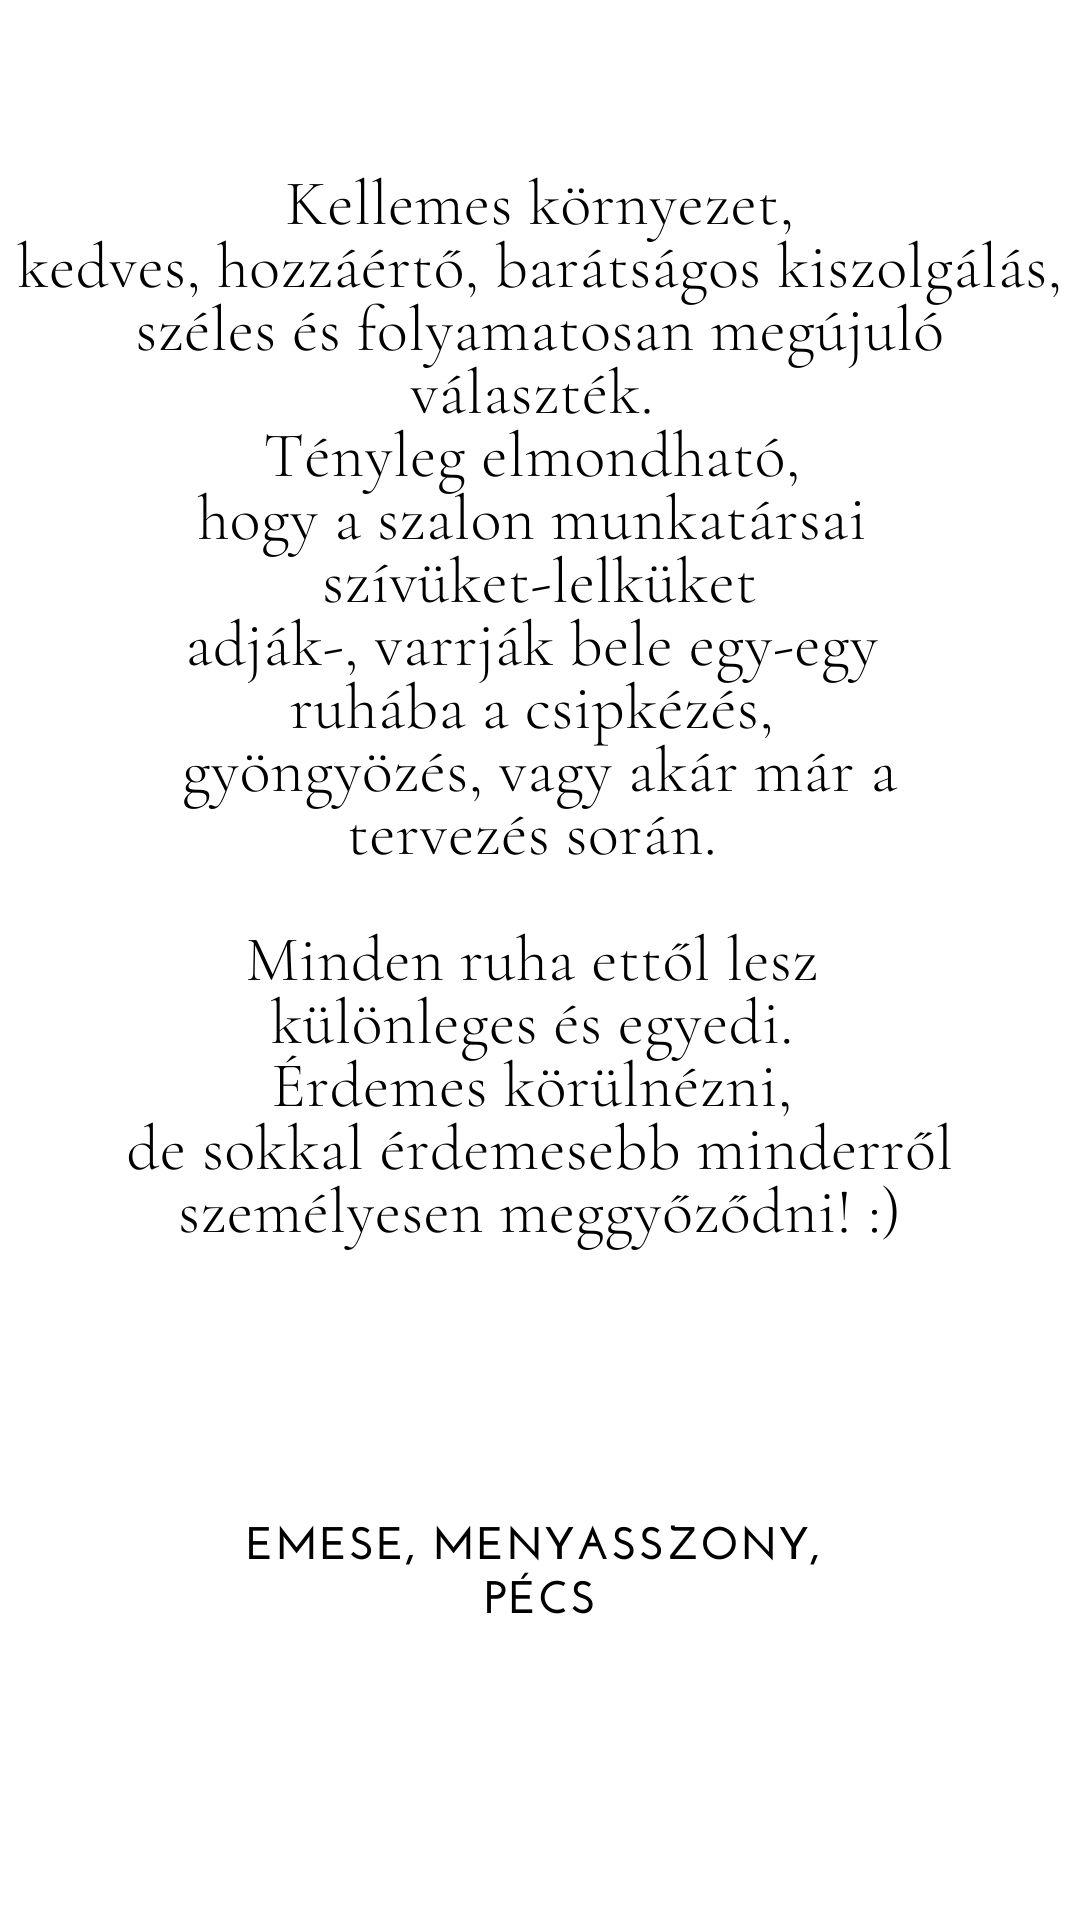 referencia 05